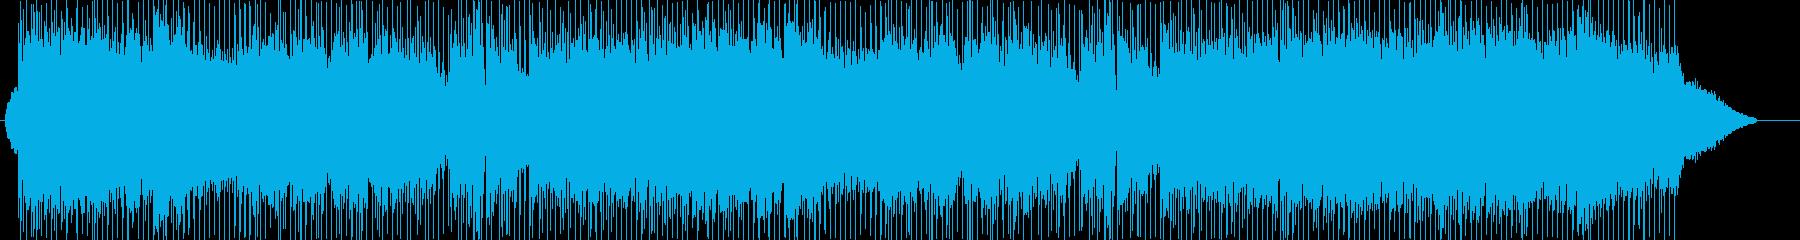 ほんわかムードのフルートソロの再生済みの波形